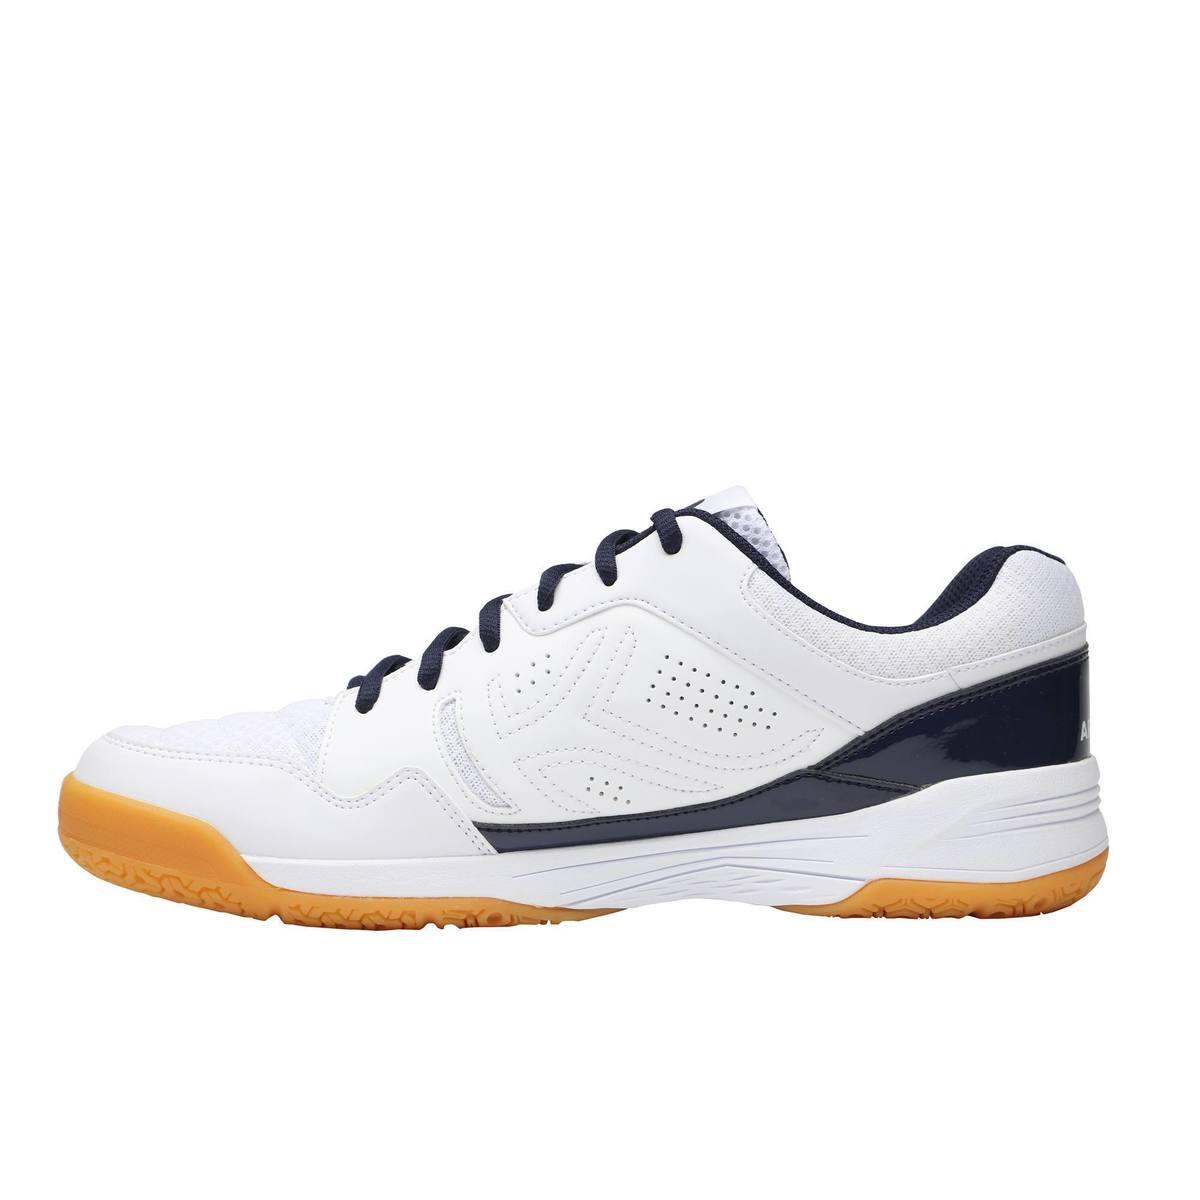 Bild 2 von Badmintonschuhe BS760 Herren weiß/blau